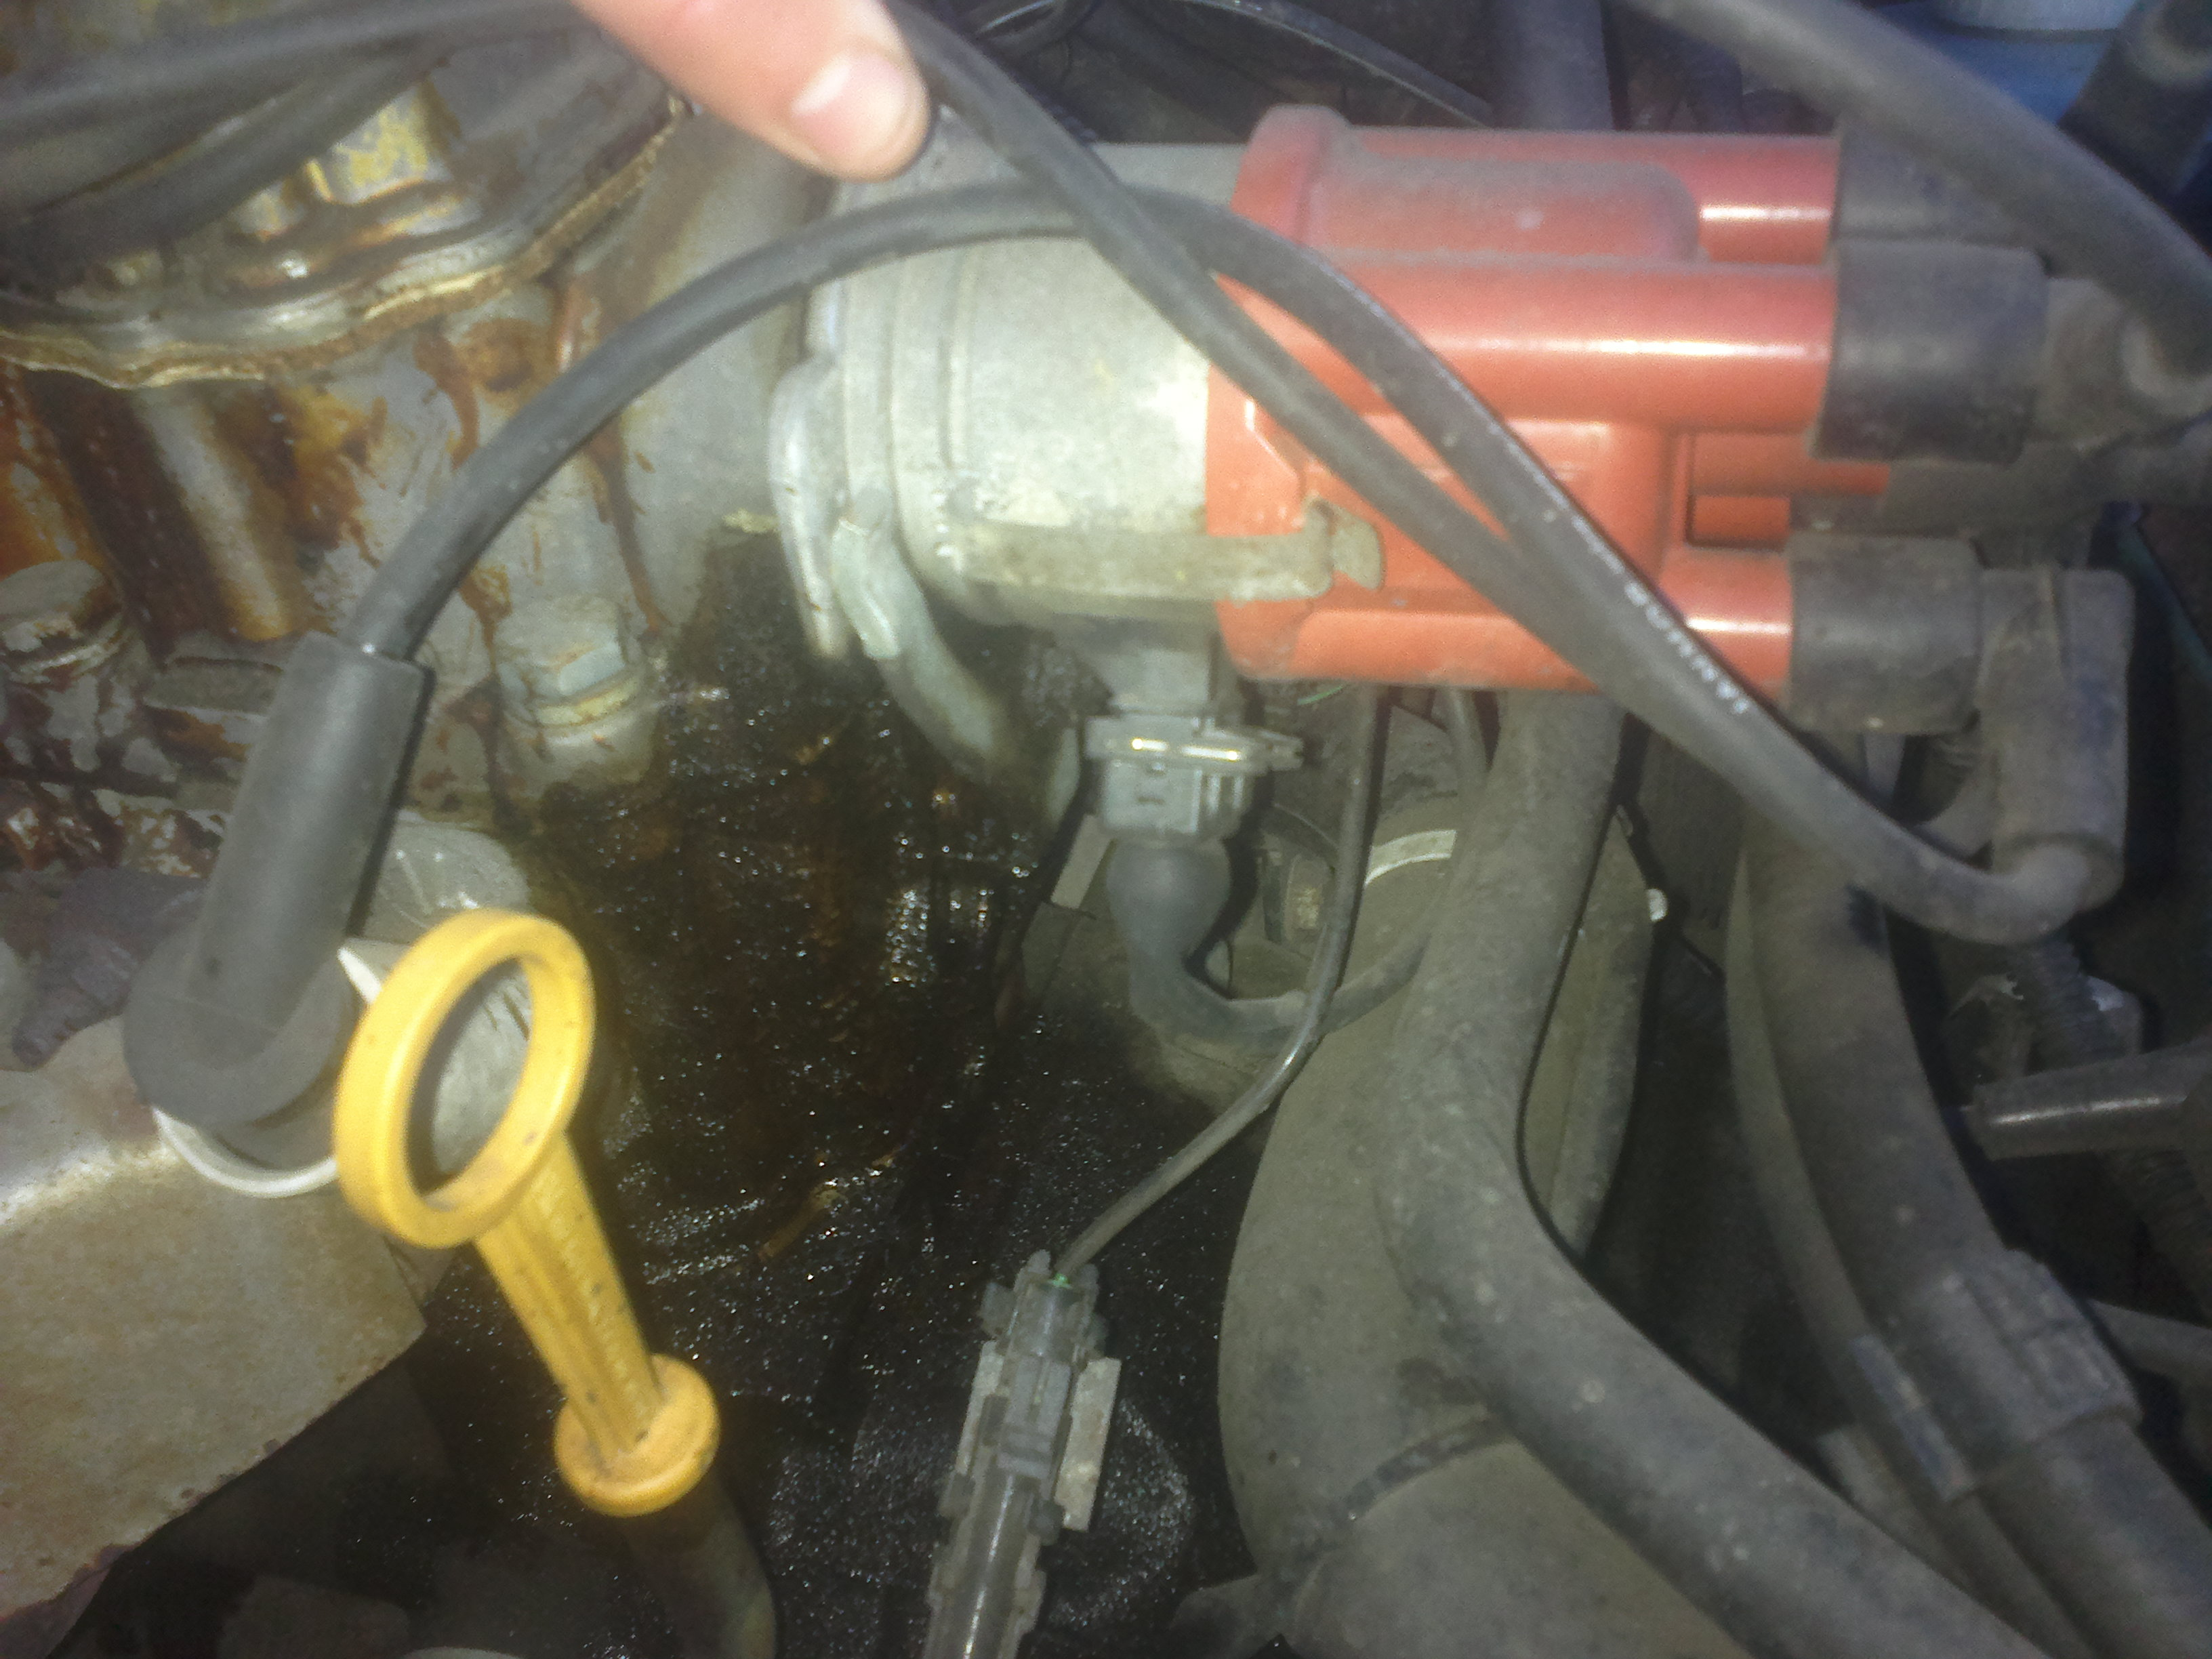 Opel corsa b - Wyciek pod aparatem zap�onowym